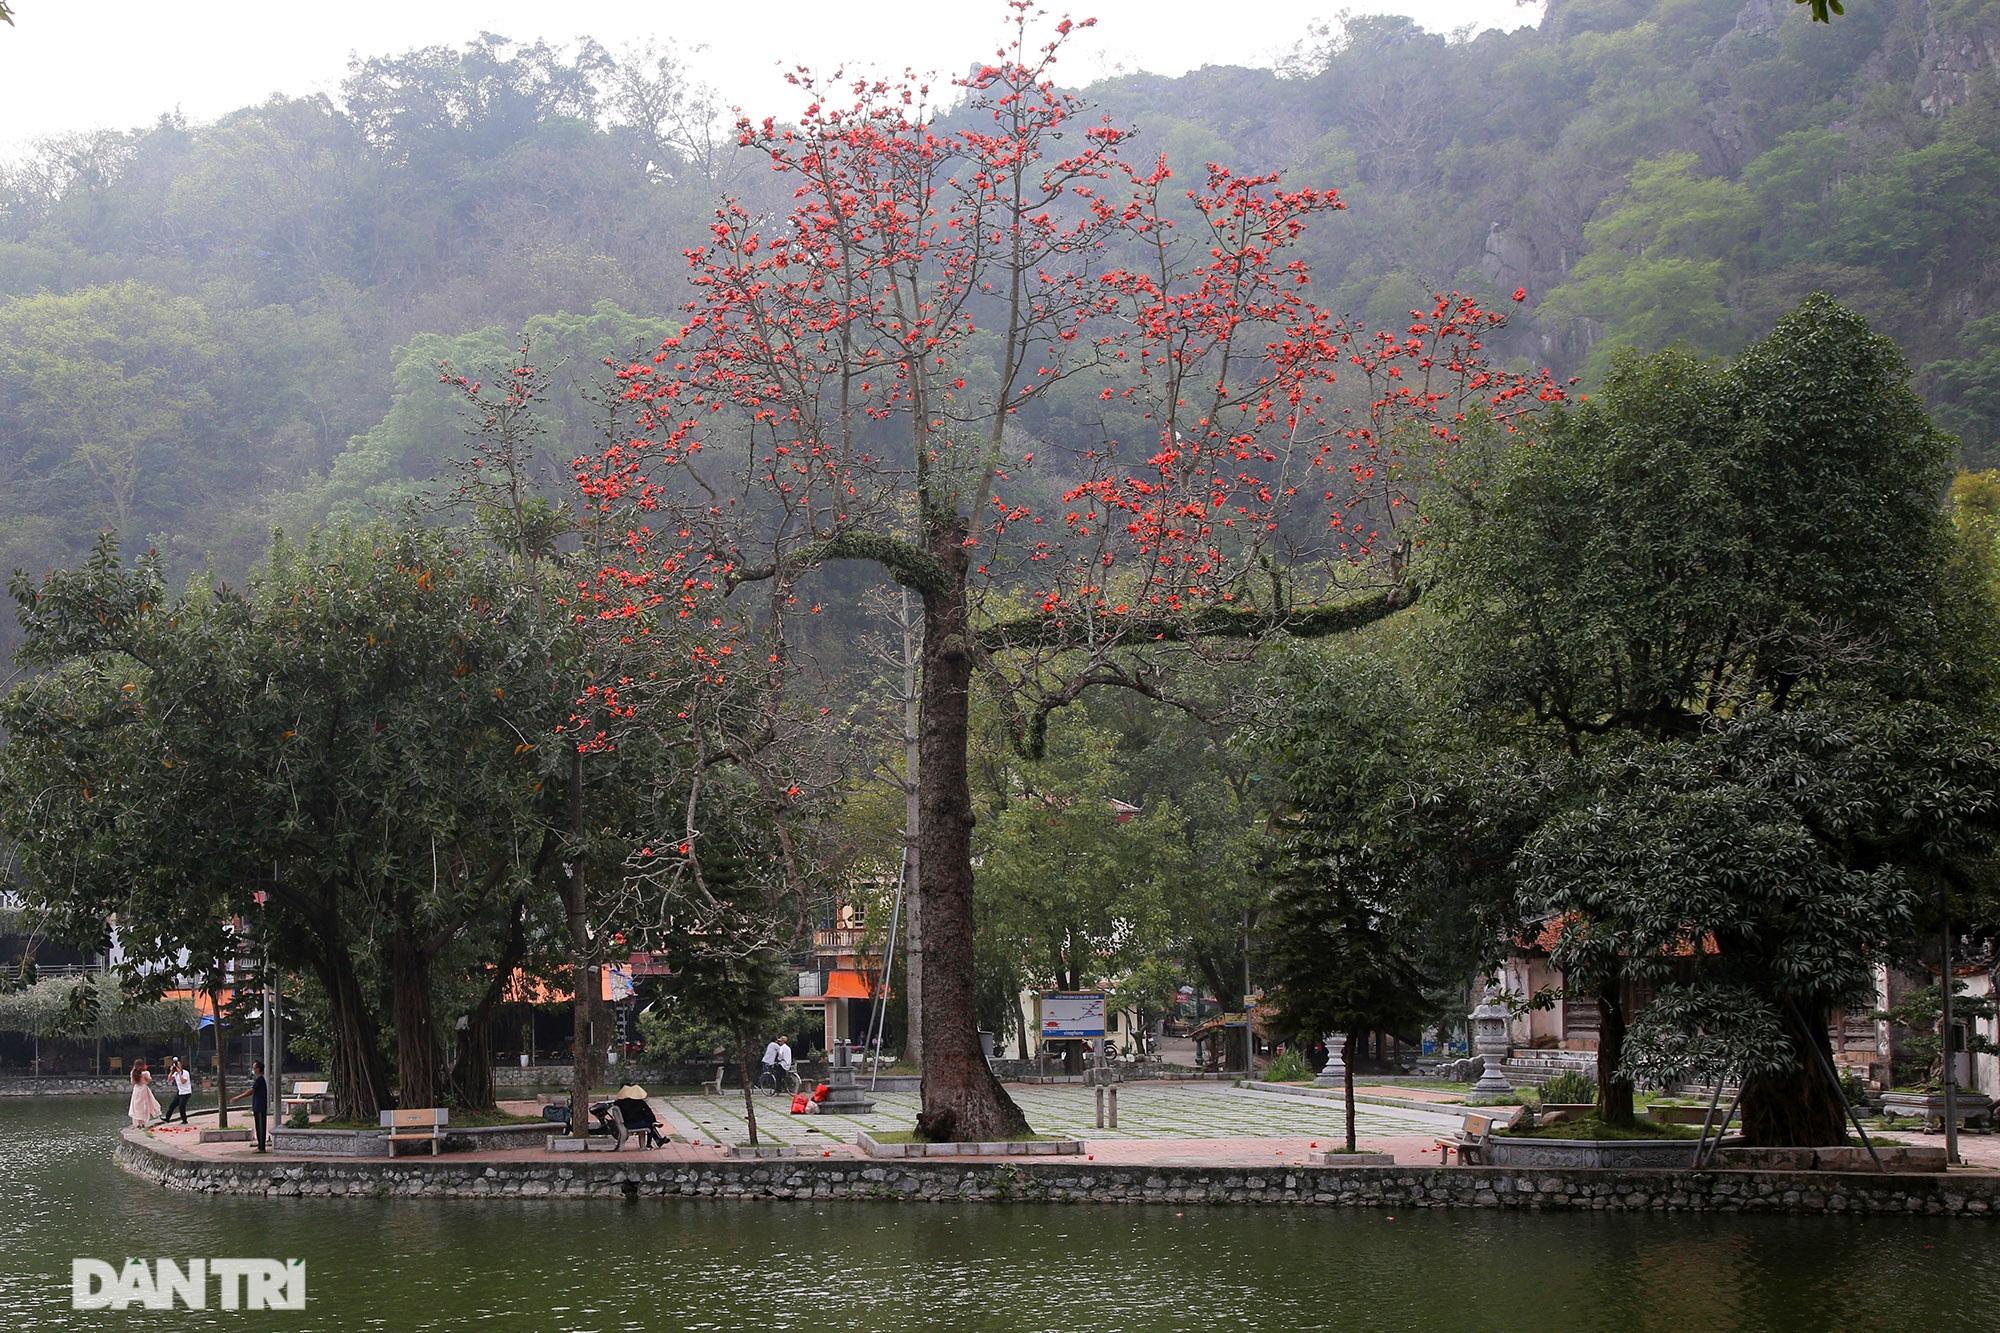 Hoa gạo nở đẹp sâu lắng vùng ngoại thành Hà Nội - 14